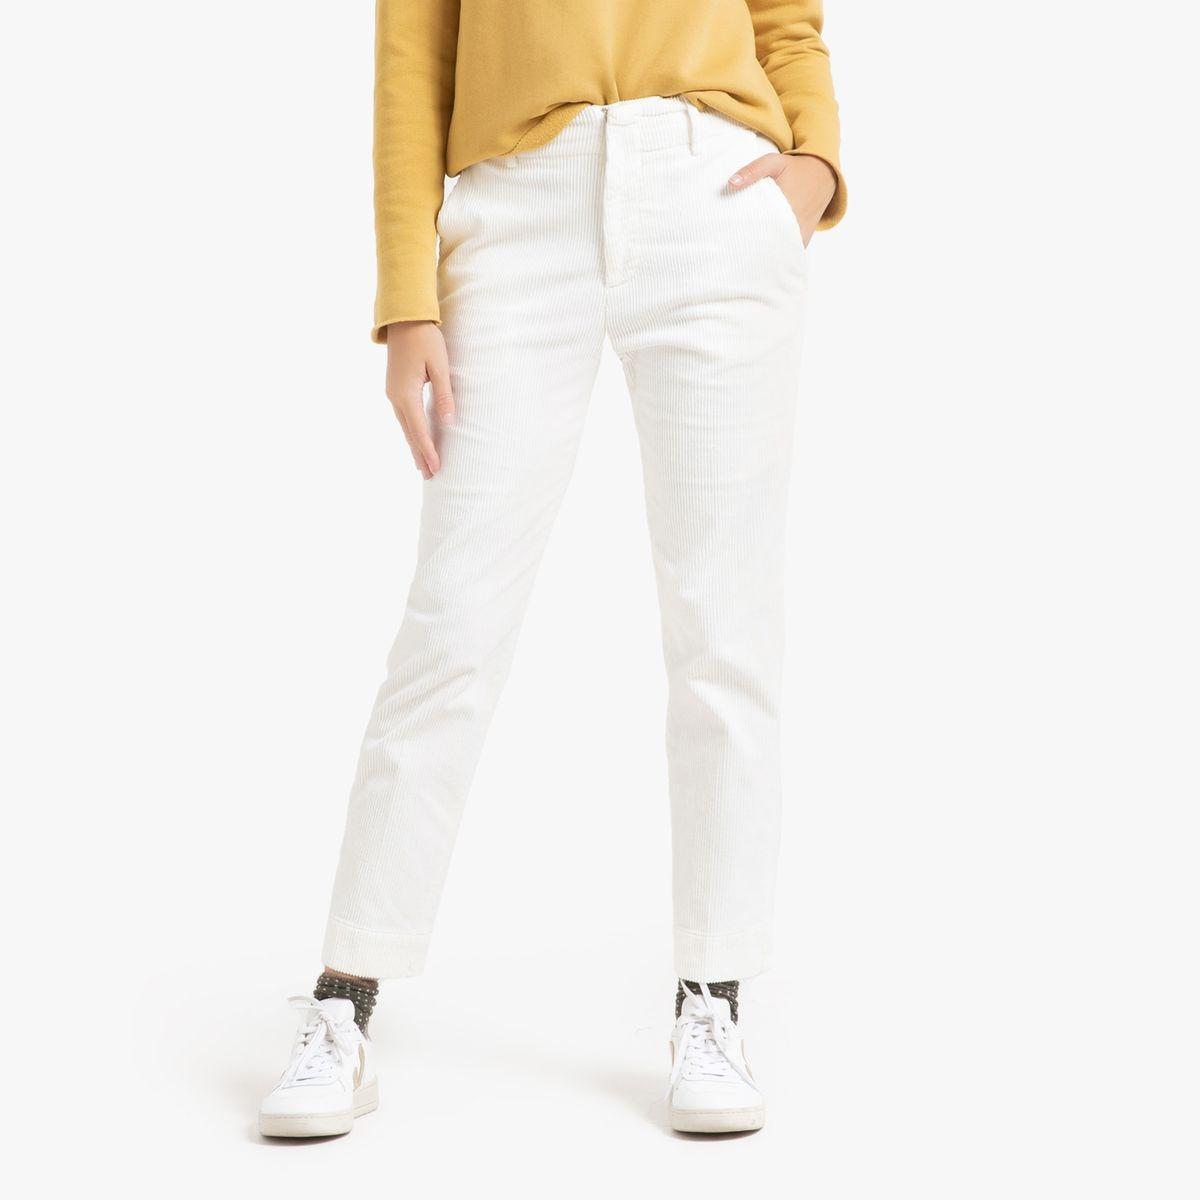 Pantalon droit JULES CORDUROY